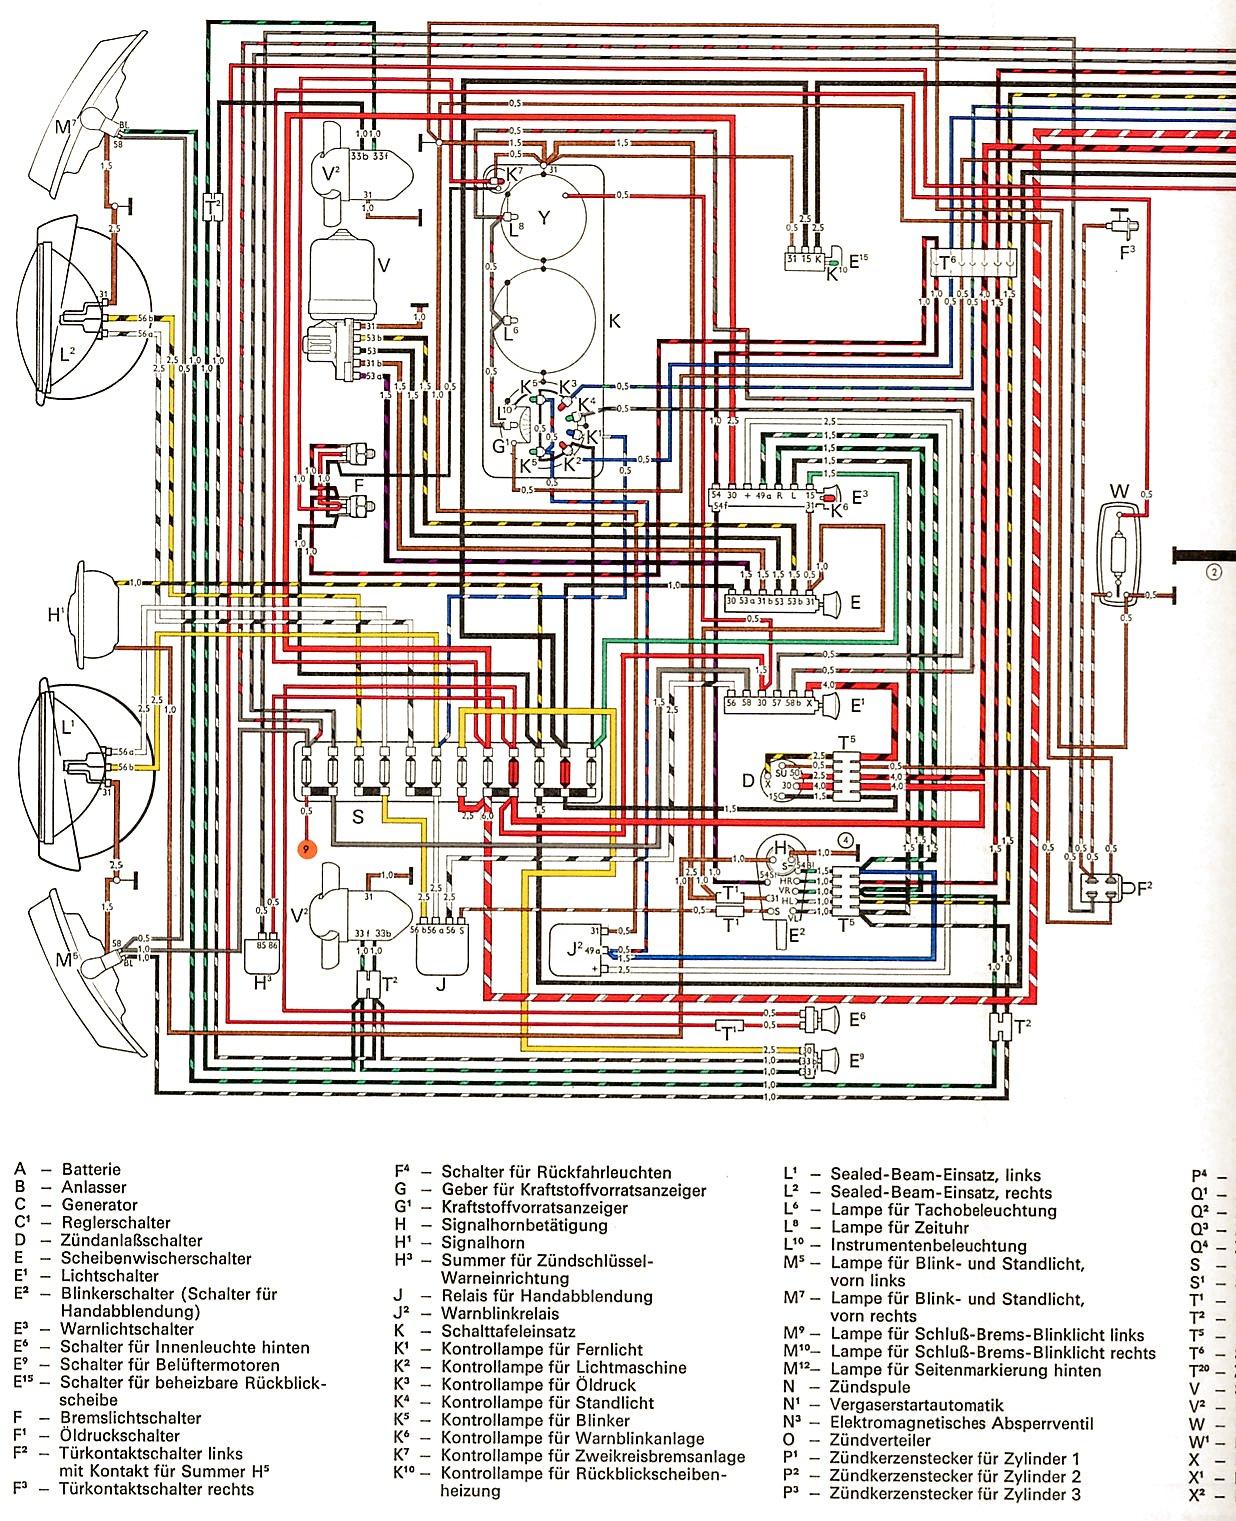 Schema electrique combi vw 1978